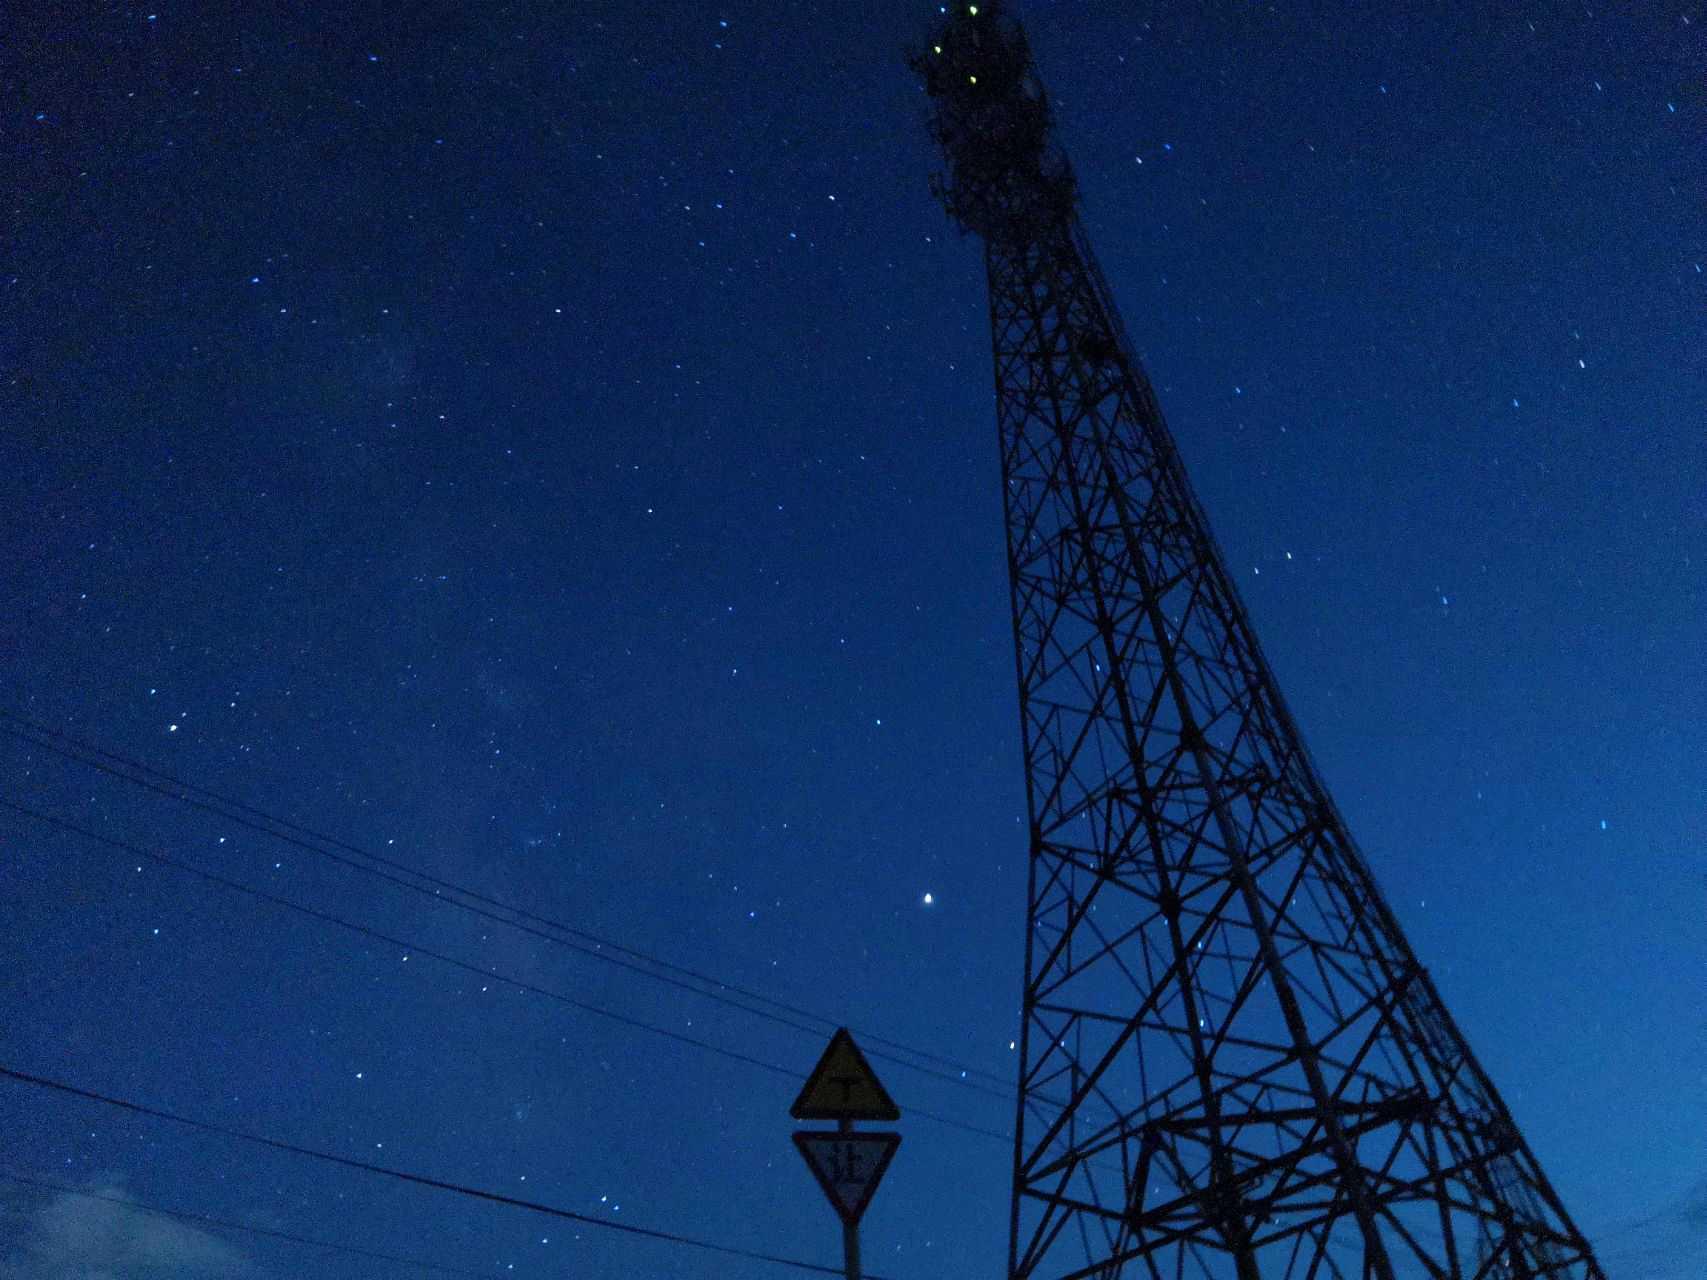 夜间摄影图片